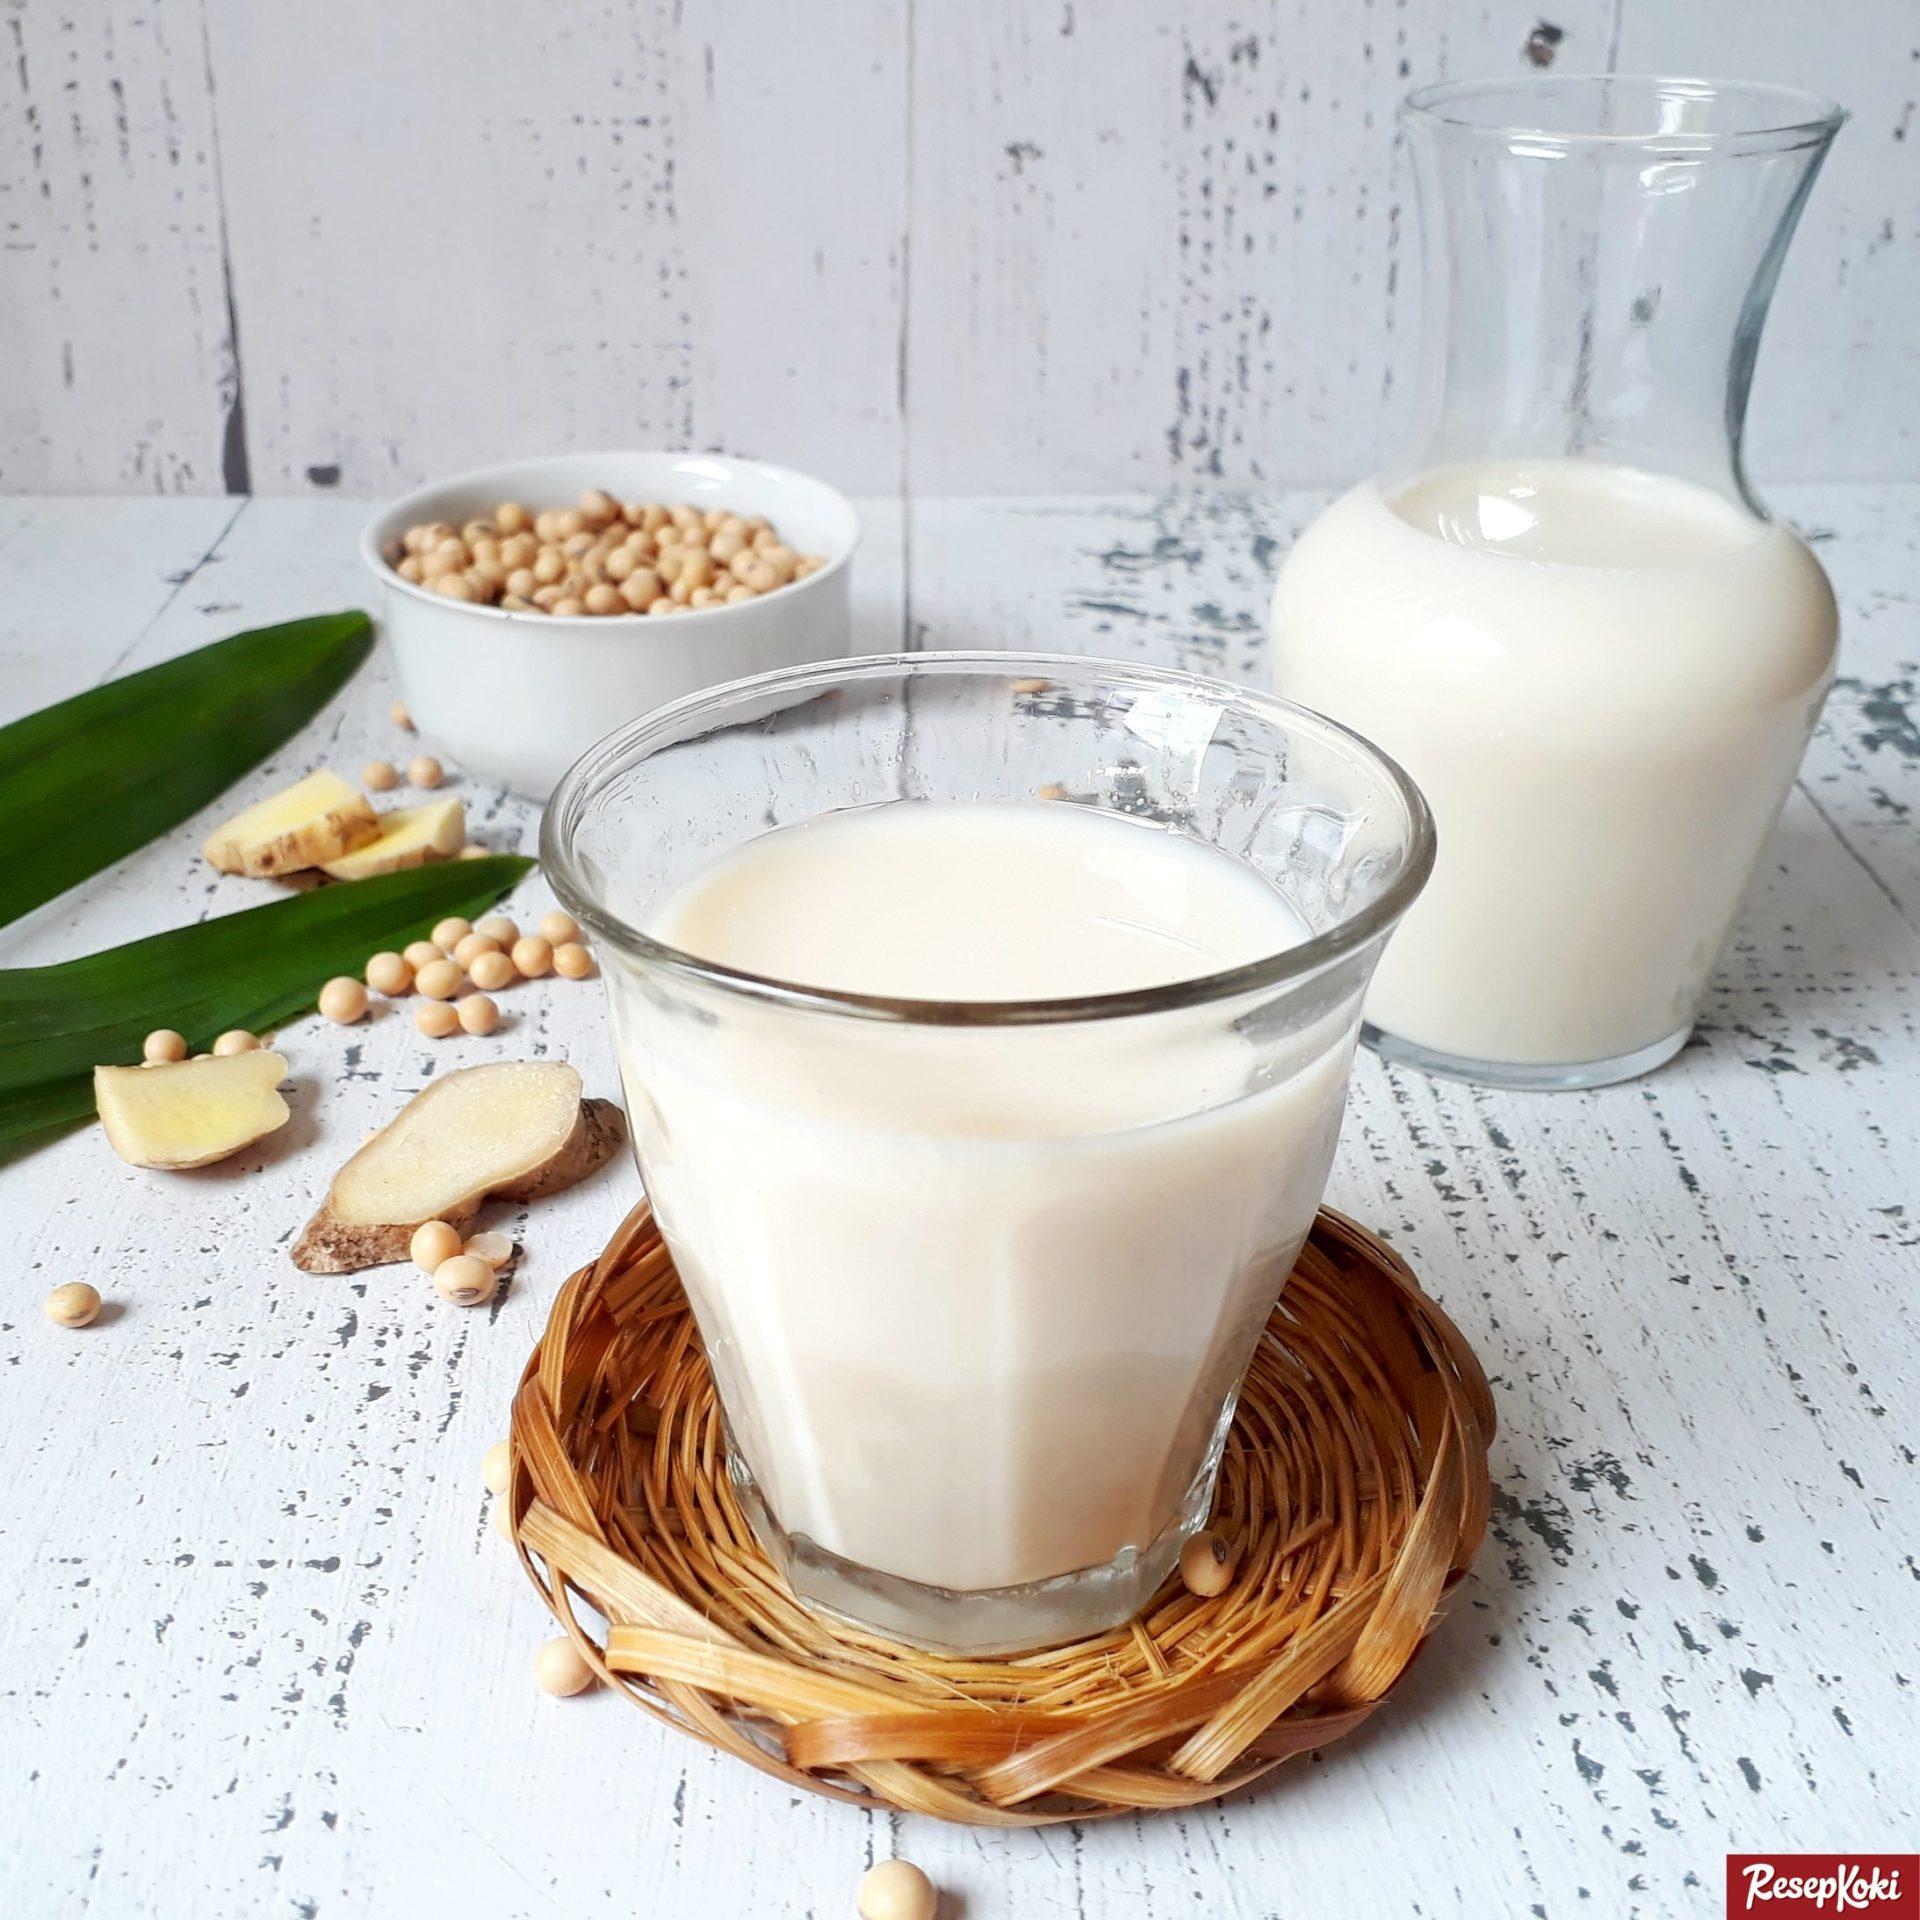 Susu Kedelai Enak Praktis Tanpa Langu Higienis - Resep